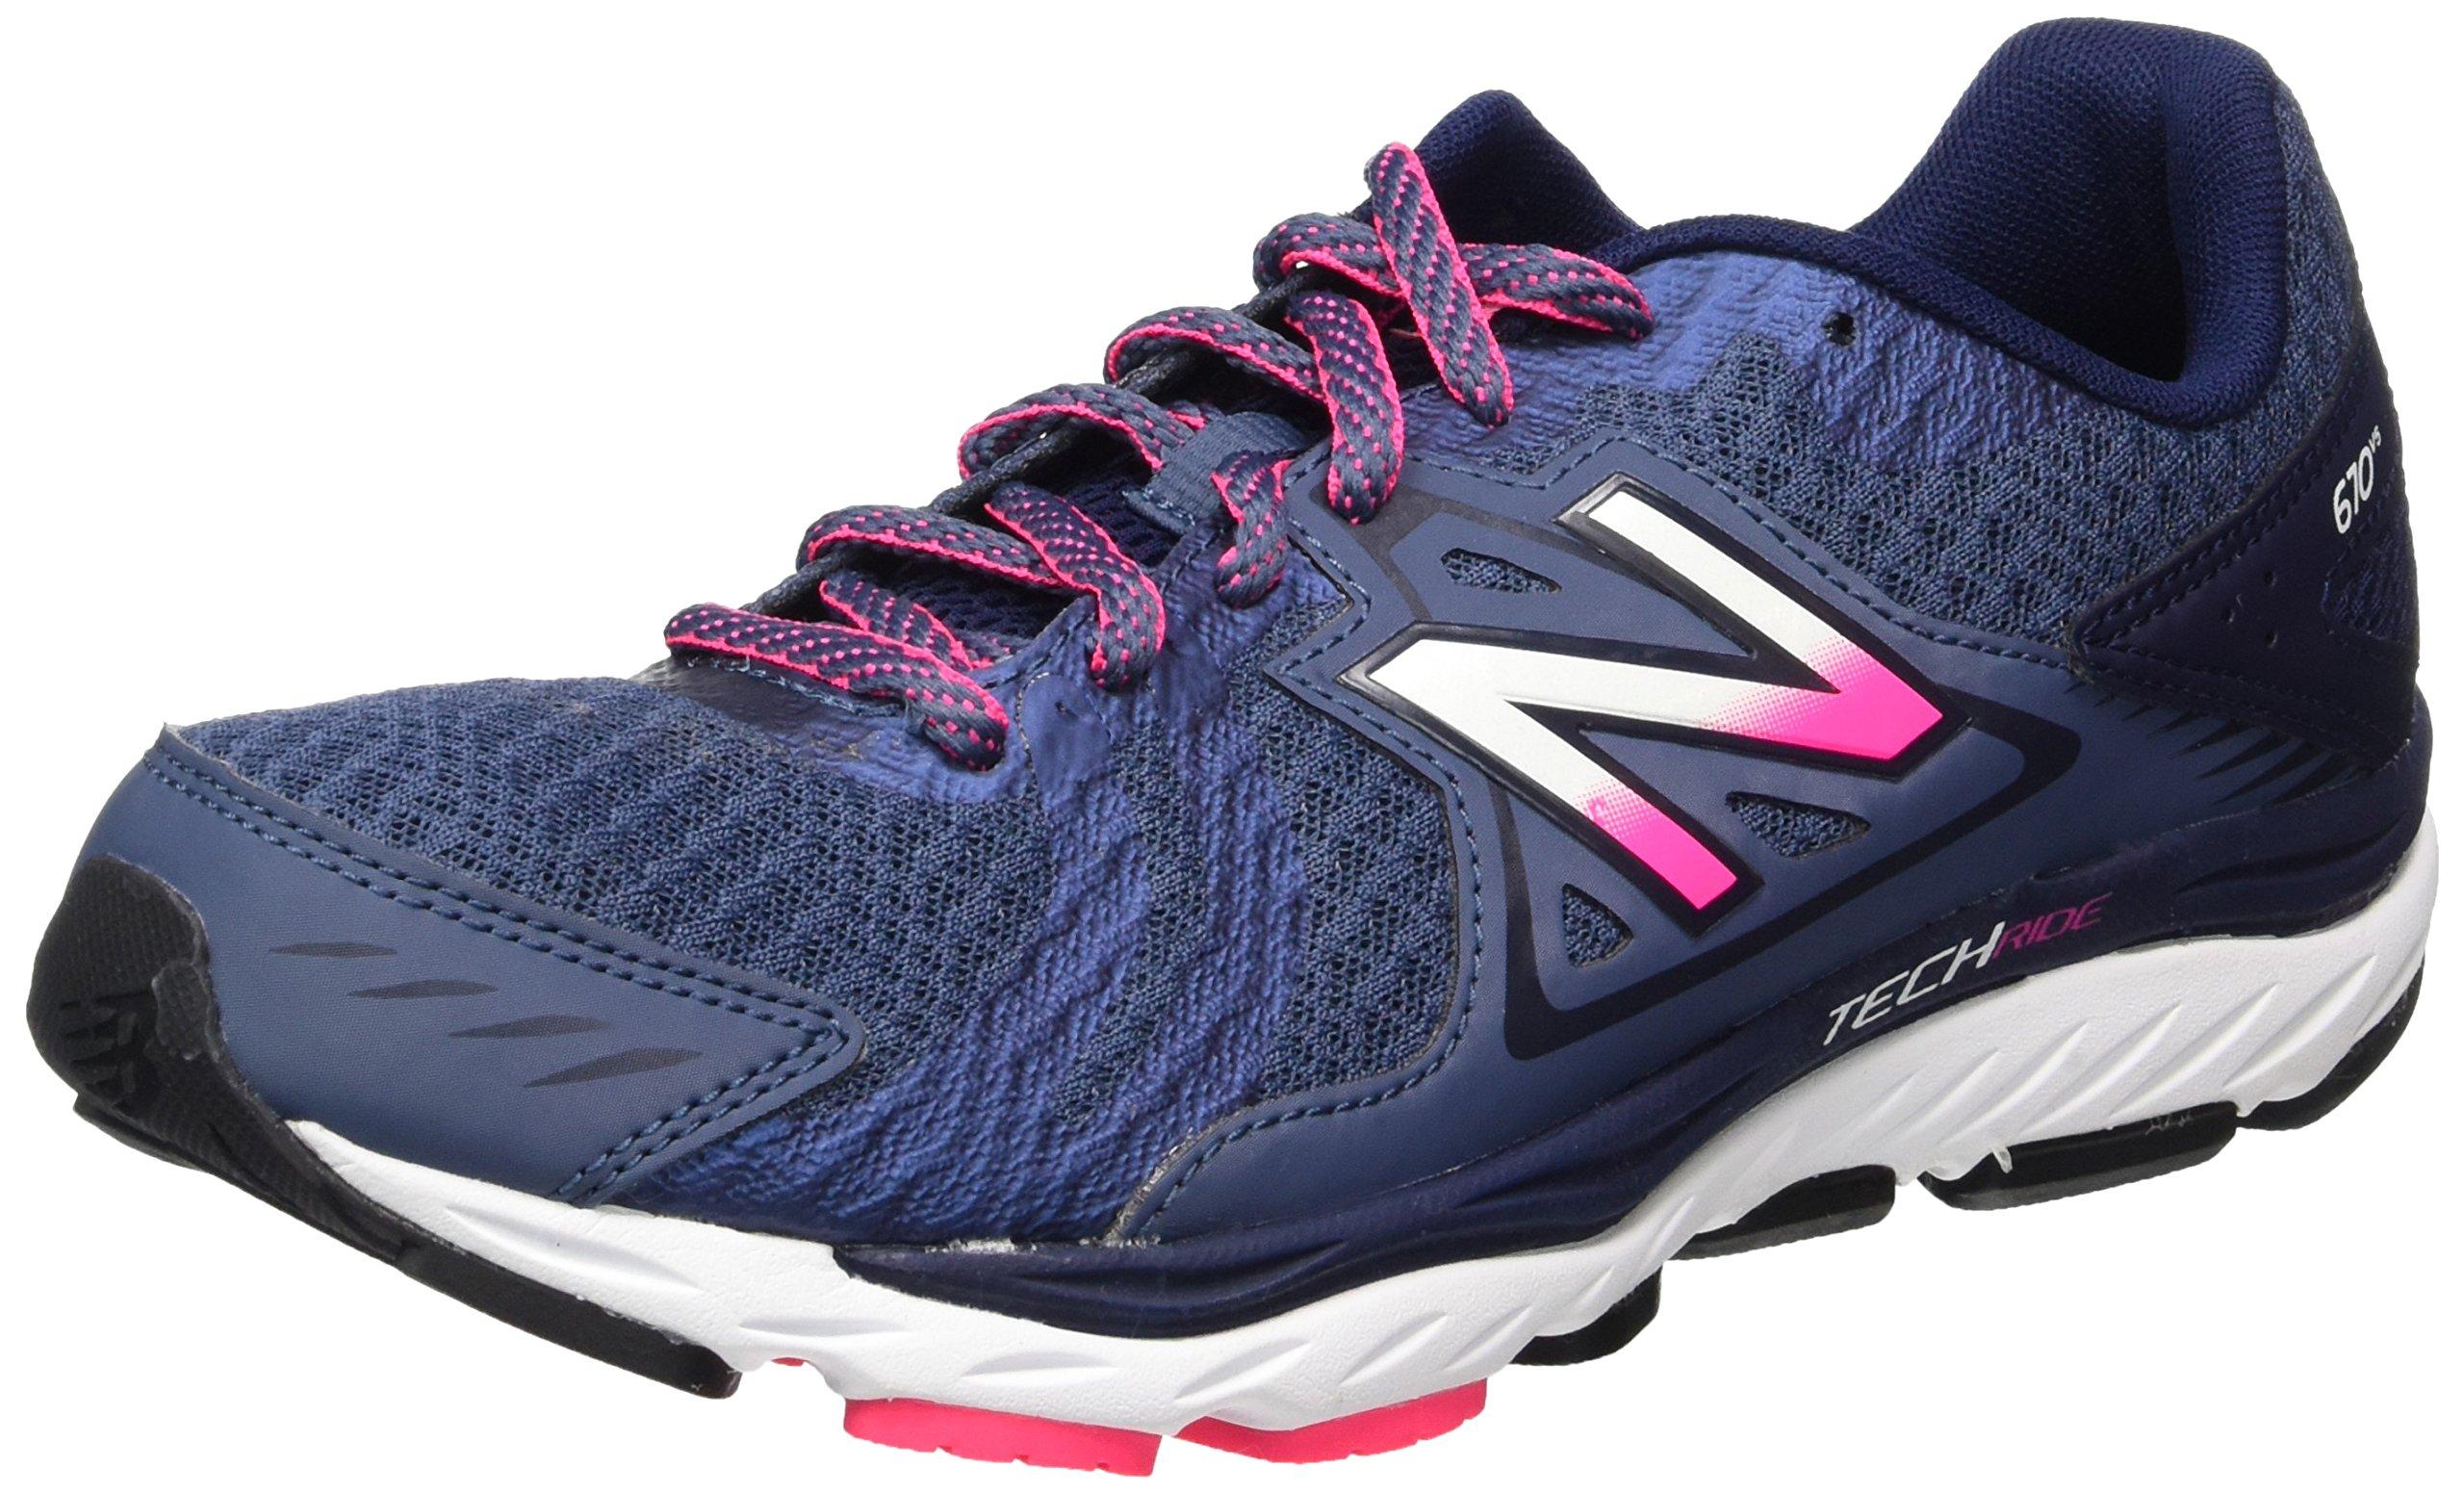 De Fitness pink38 FemmeGrisgrey 670v5Chaussures New Balance Eu lcFKT1J3